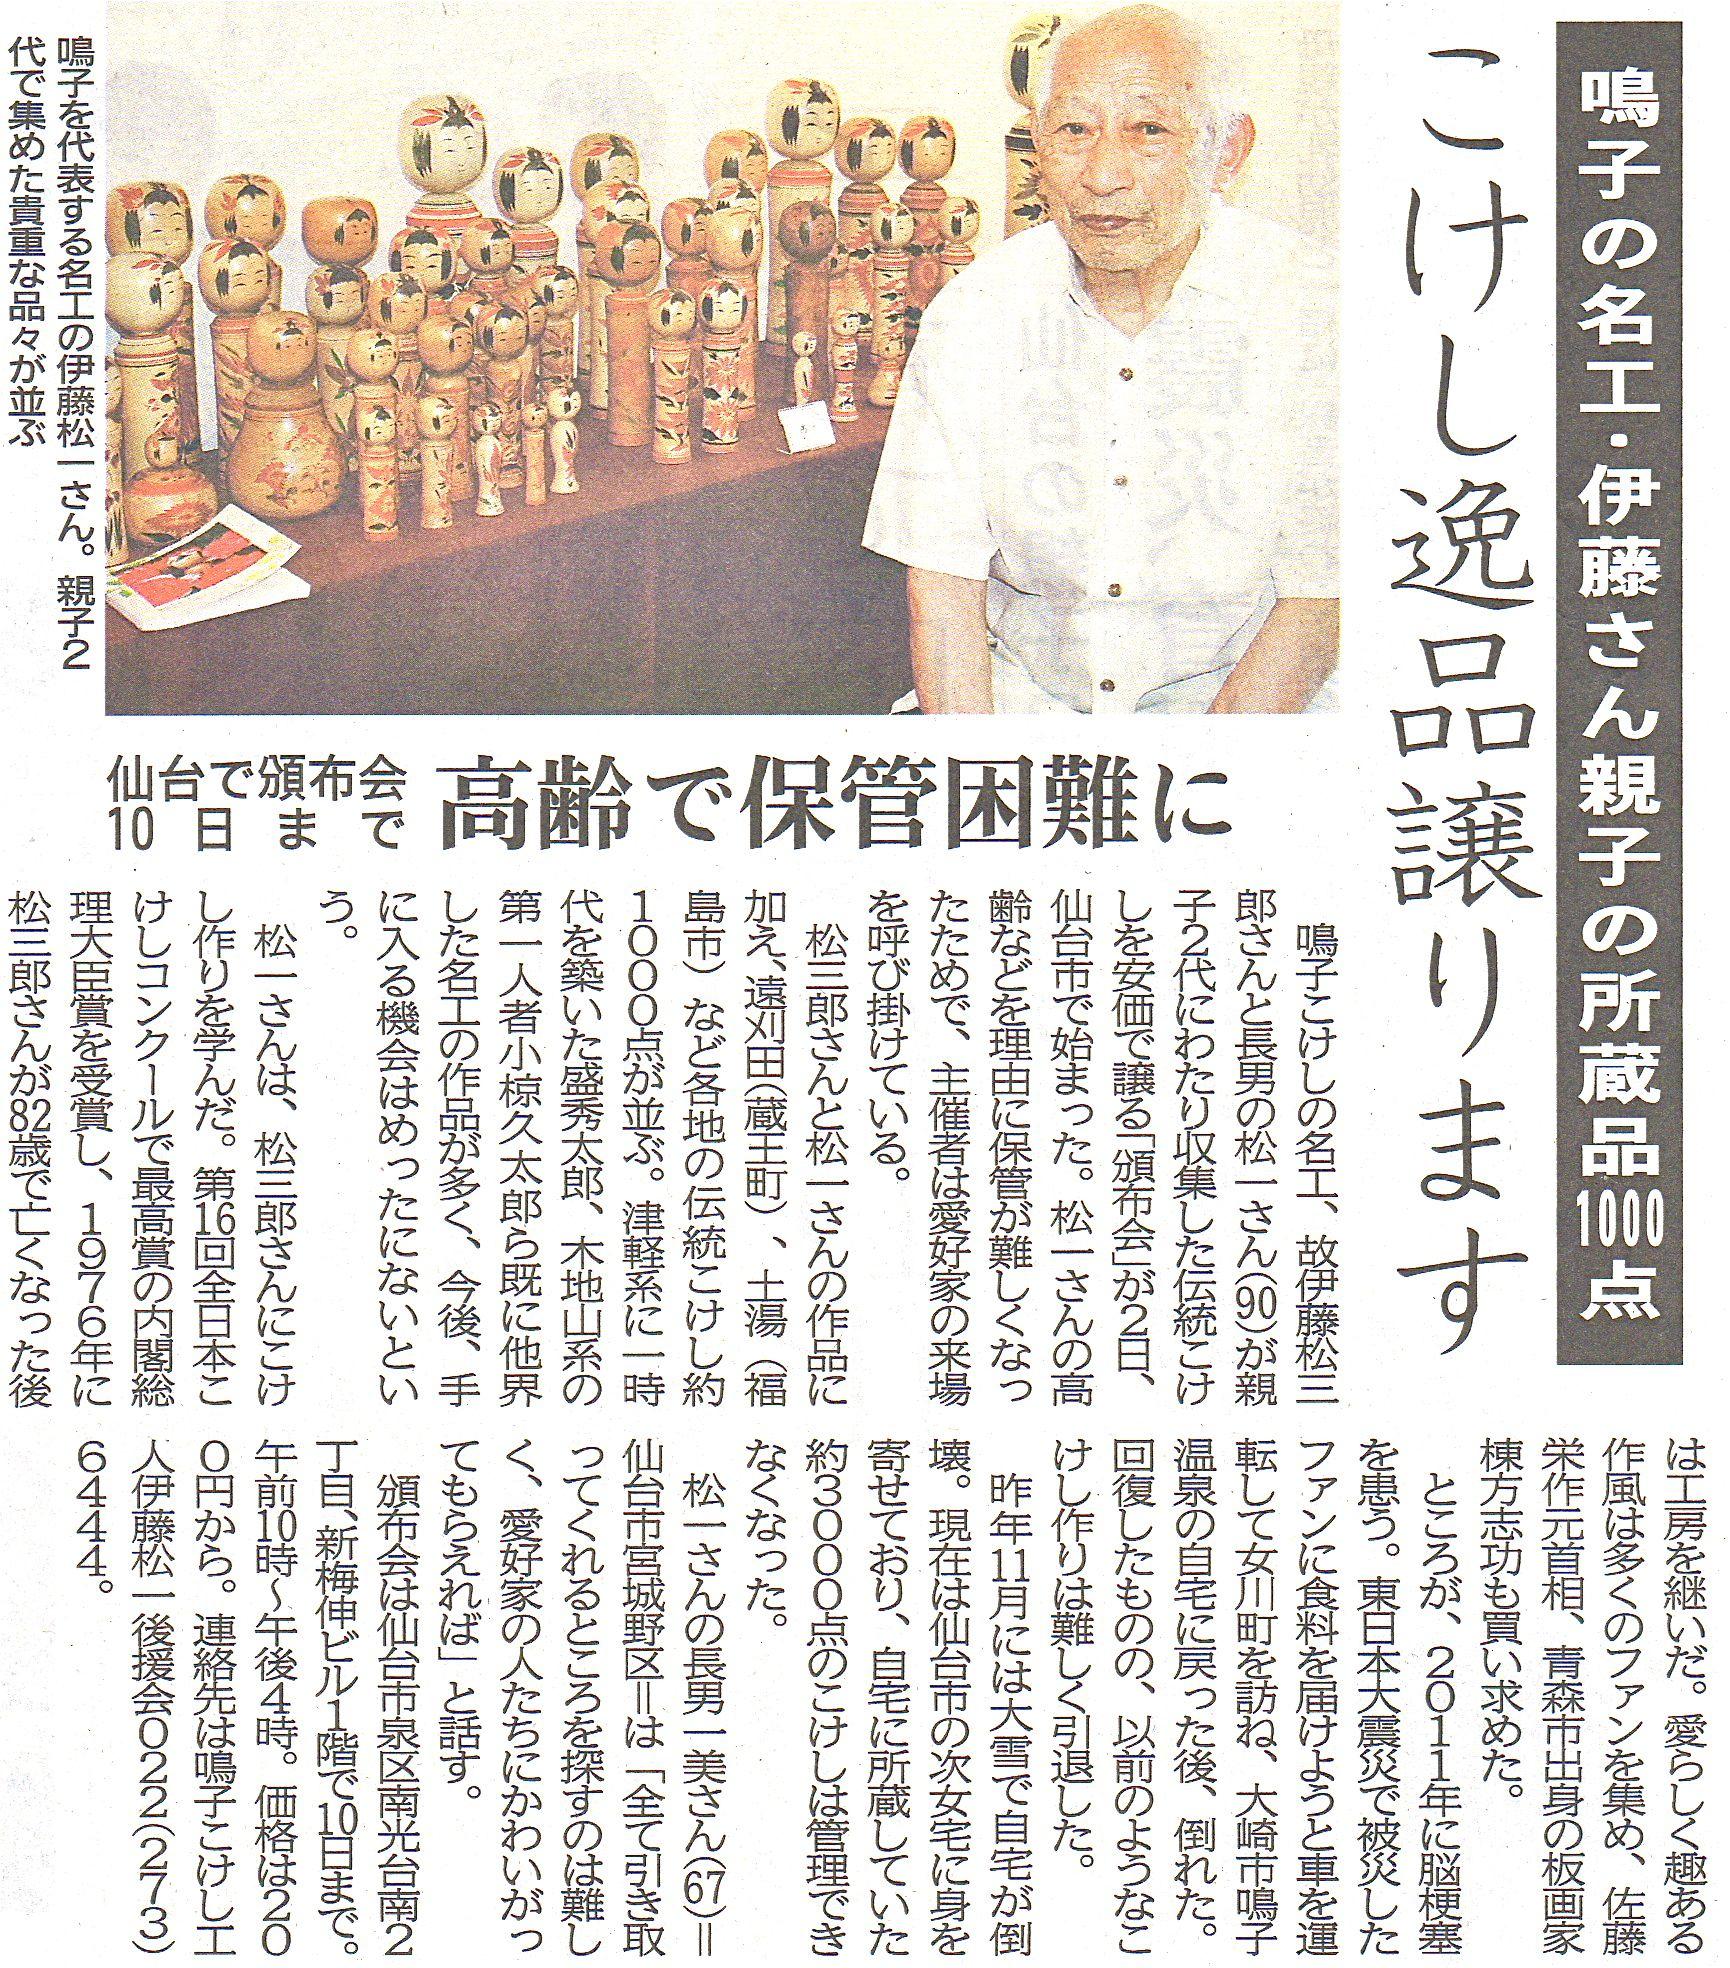 20170803河北記事